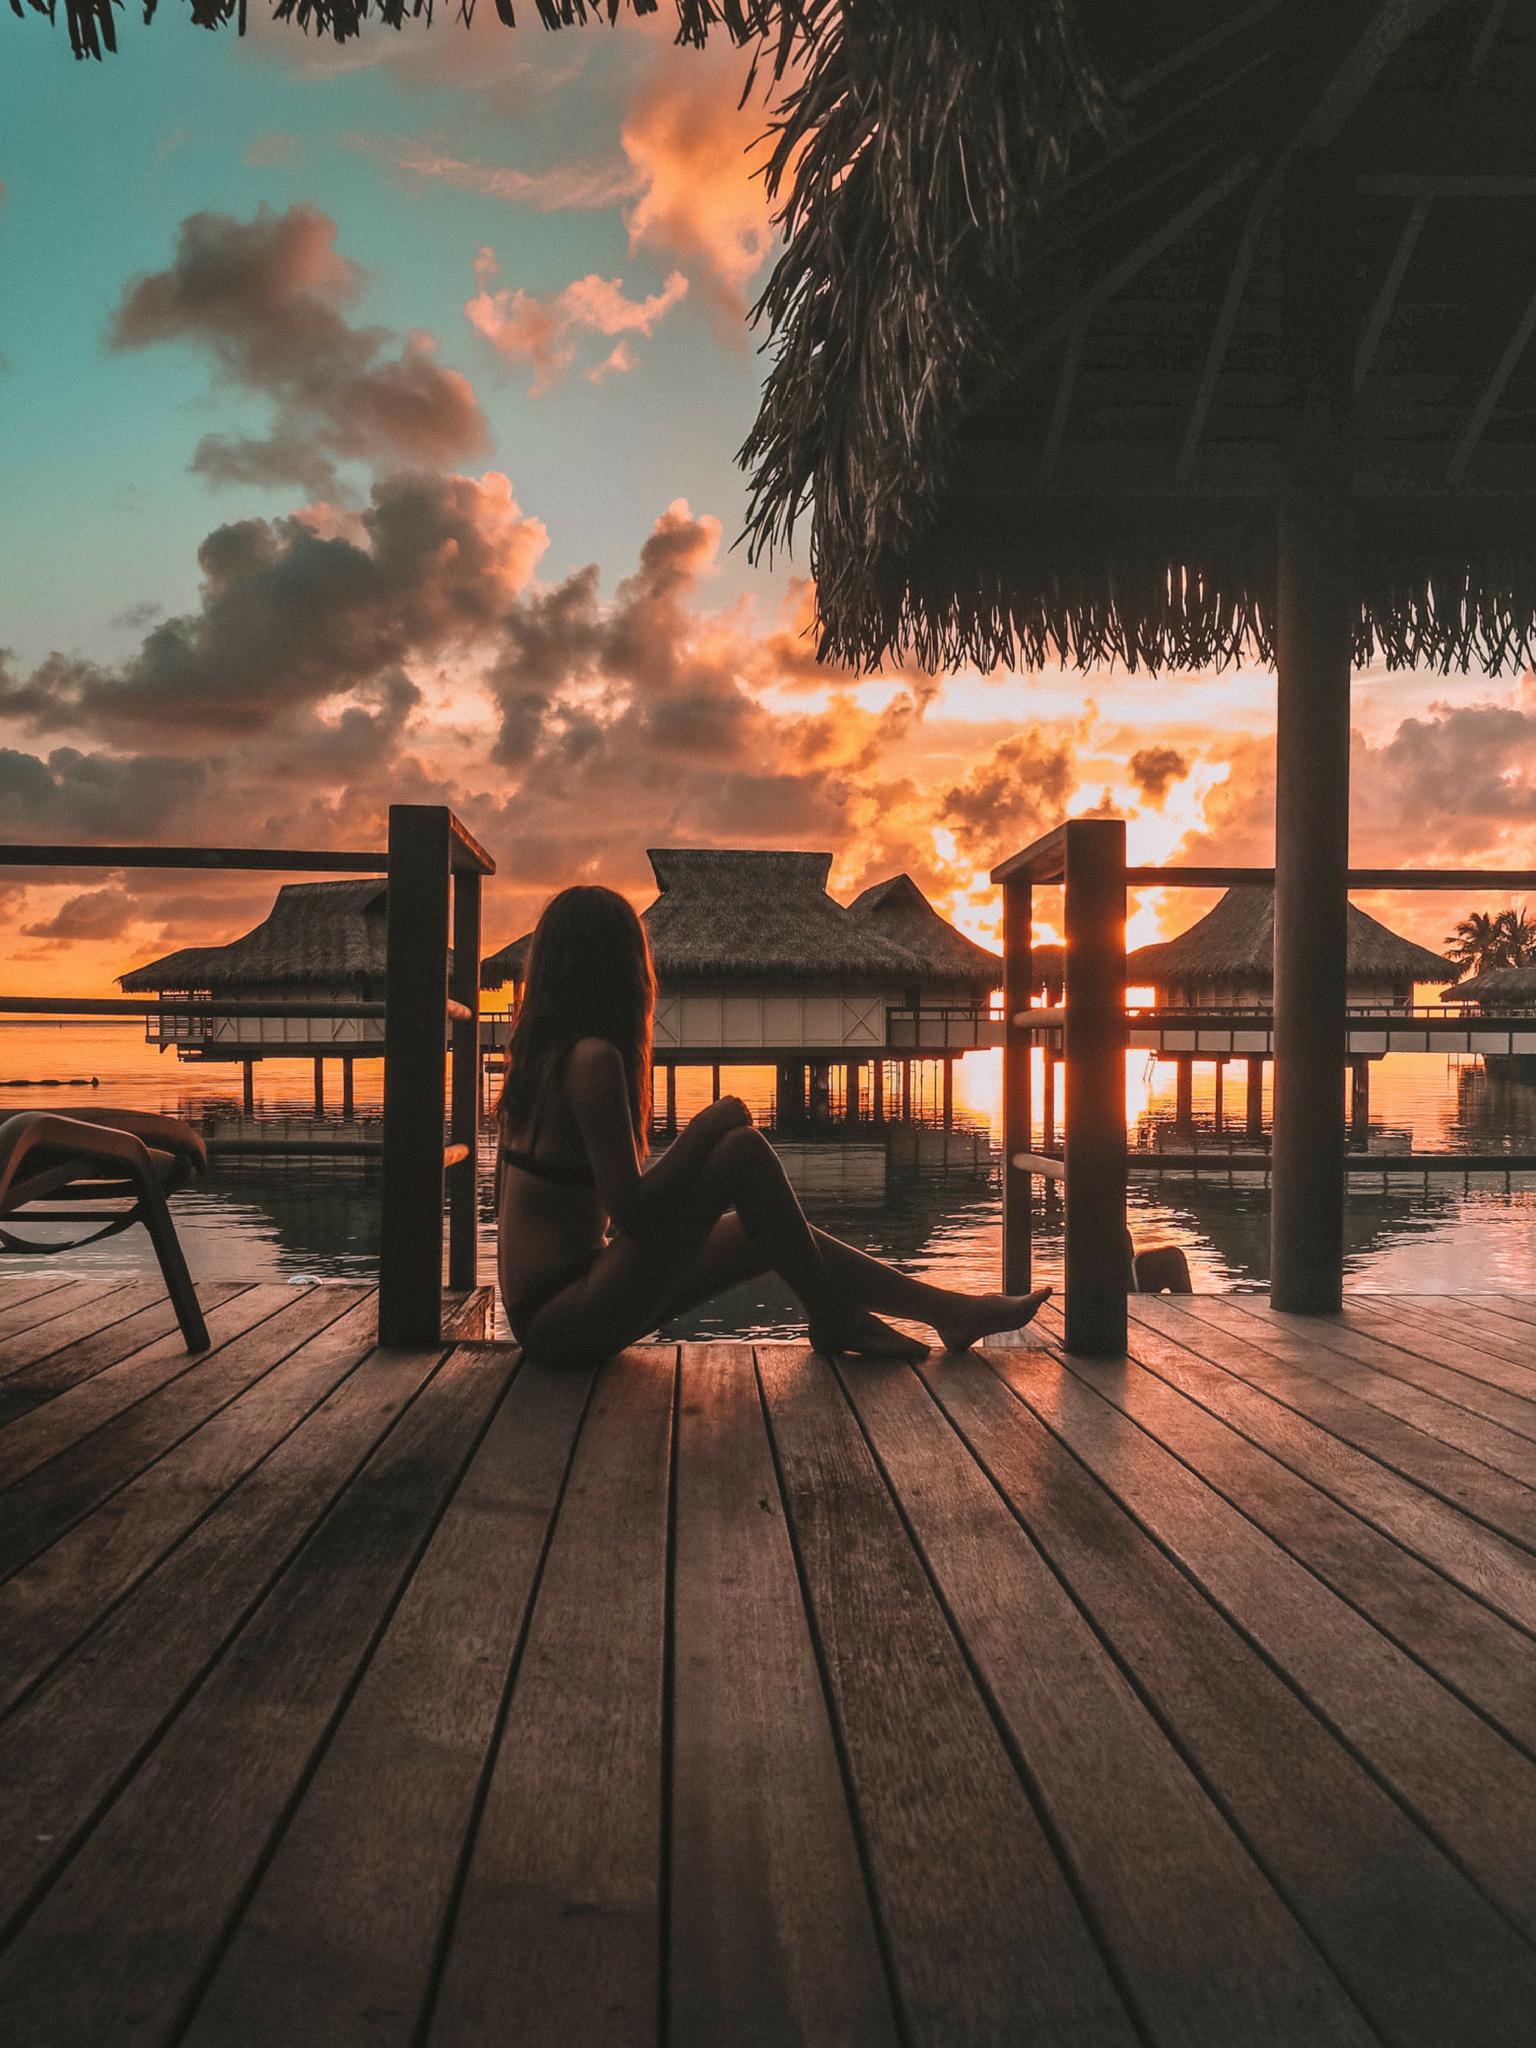 Tahiti Photo Diaries | WORLD OF WANDERLUST